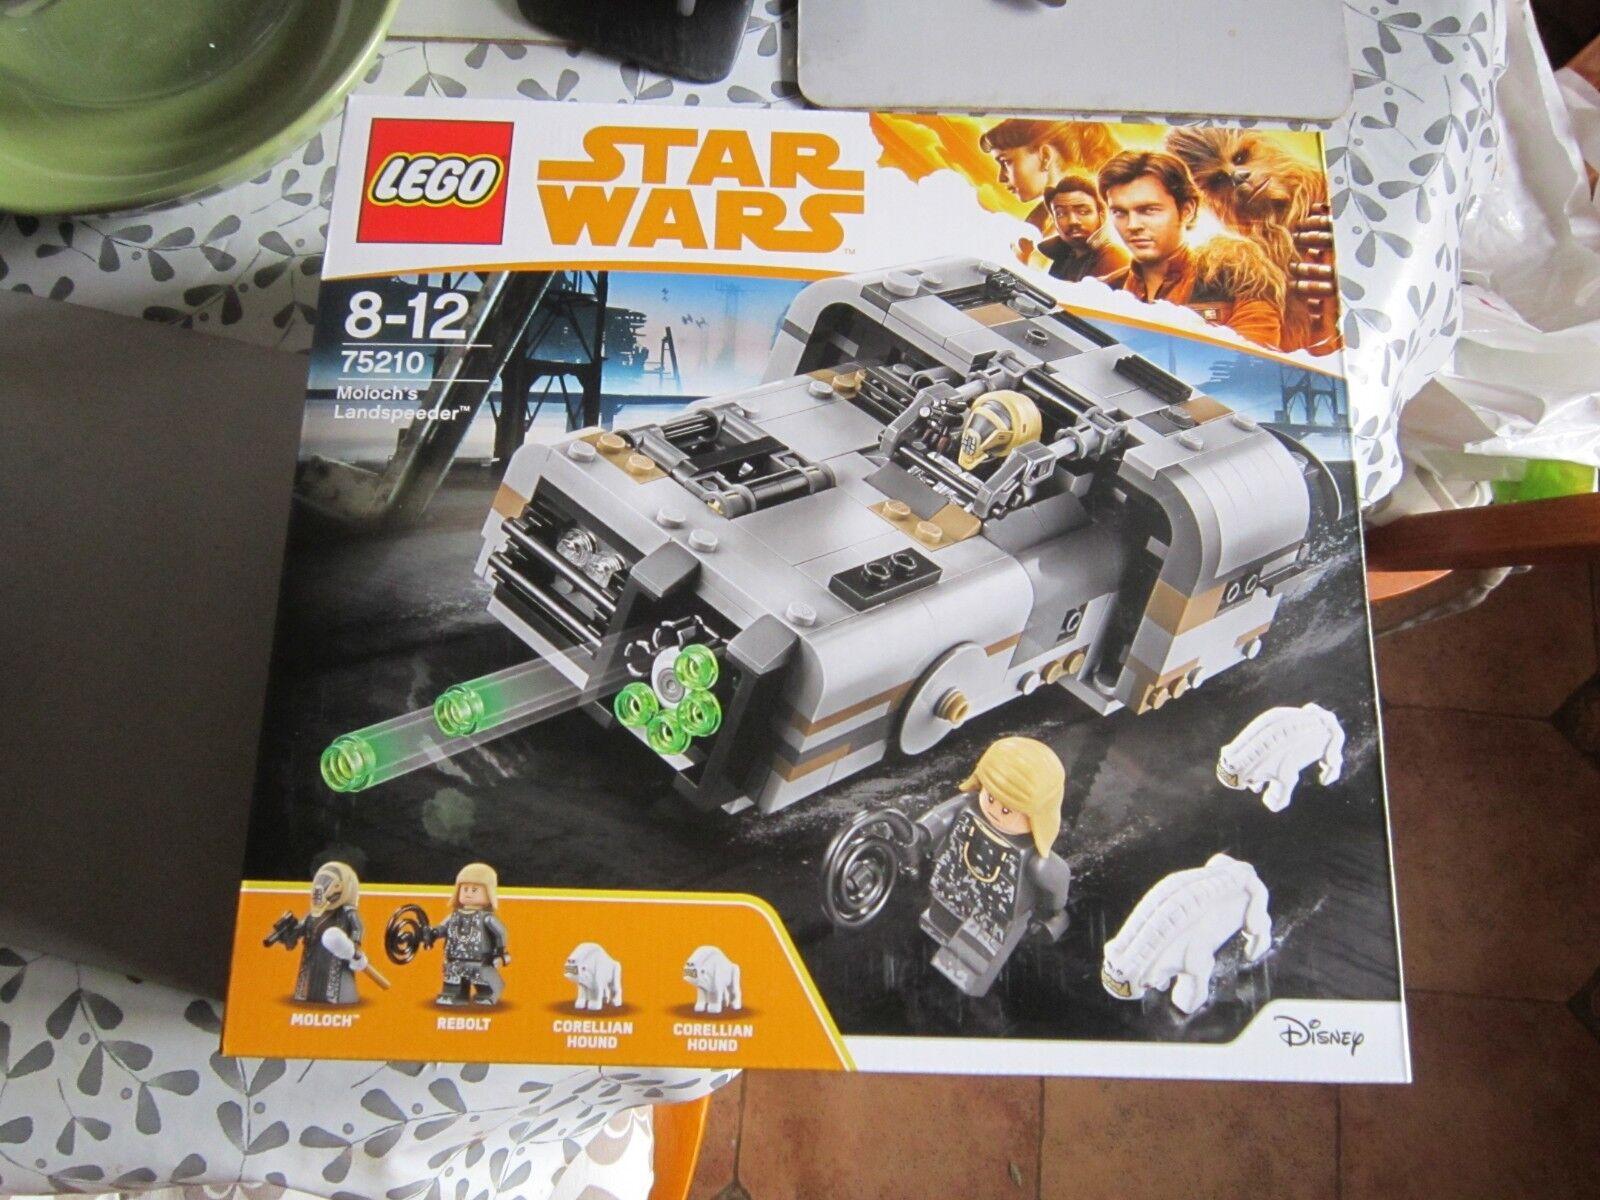 Brand new moloch's moloch's moloch's landspeeder, lego star wars 75210 44b6ab